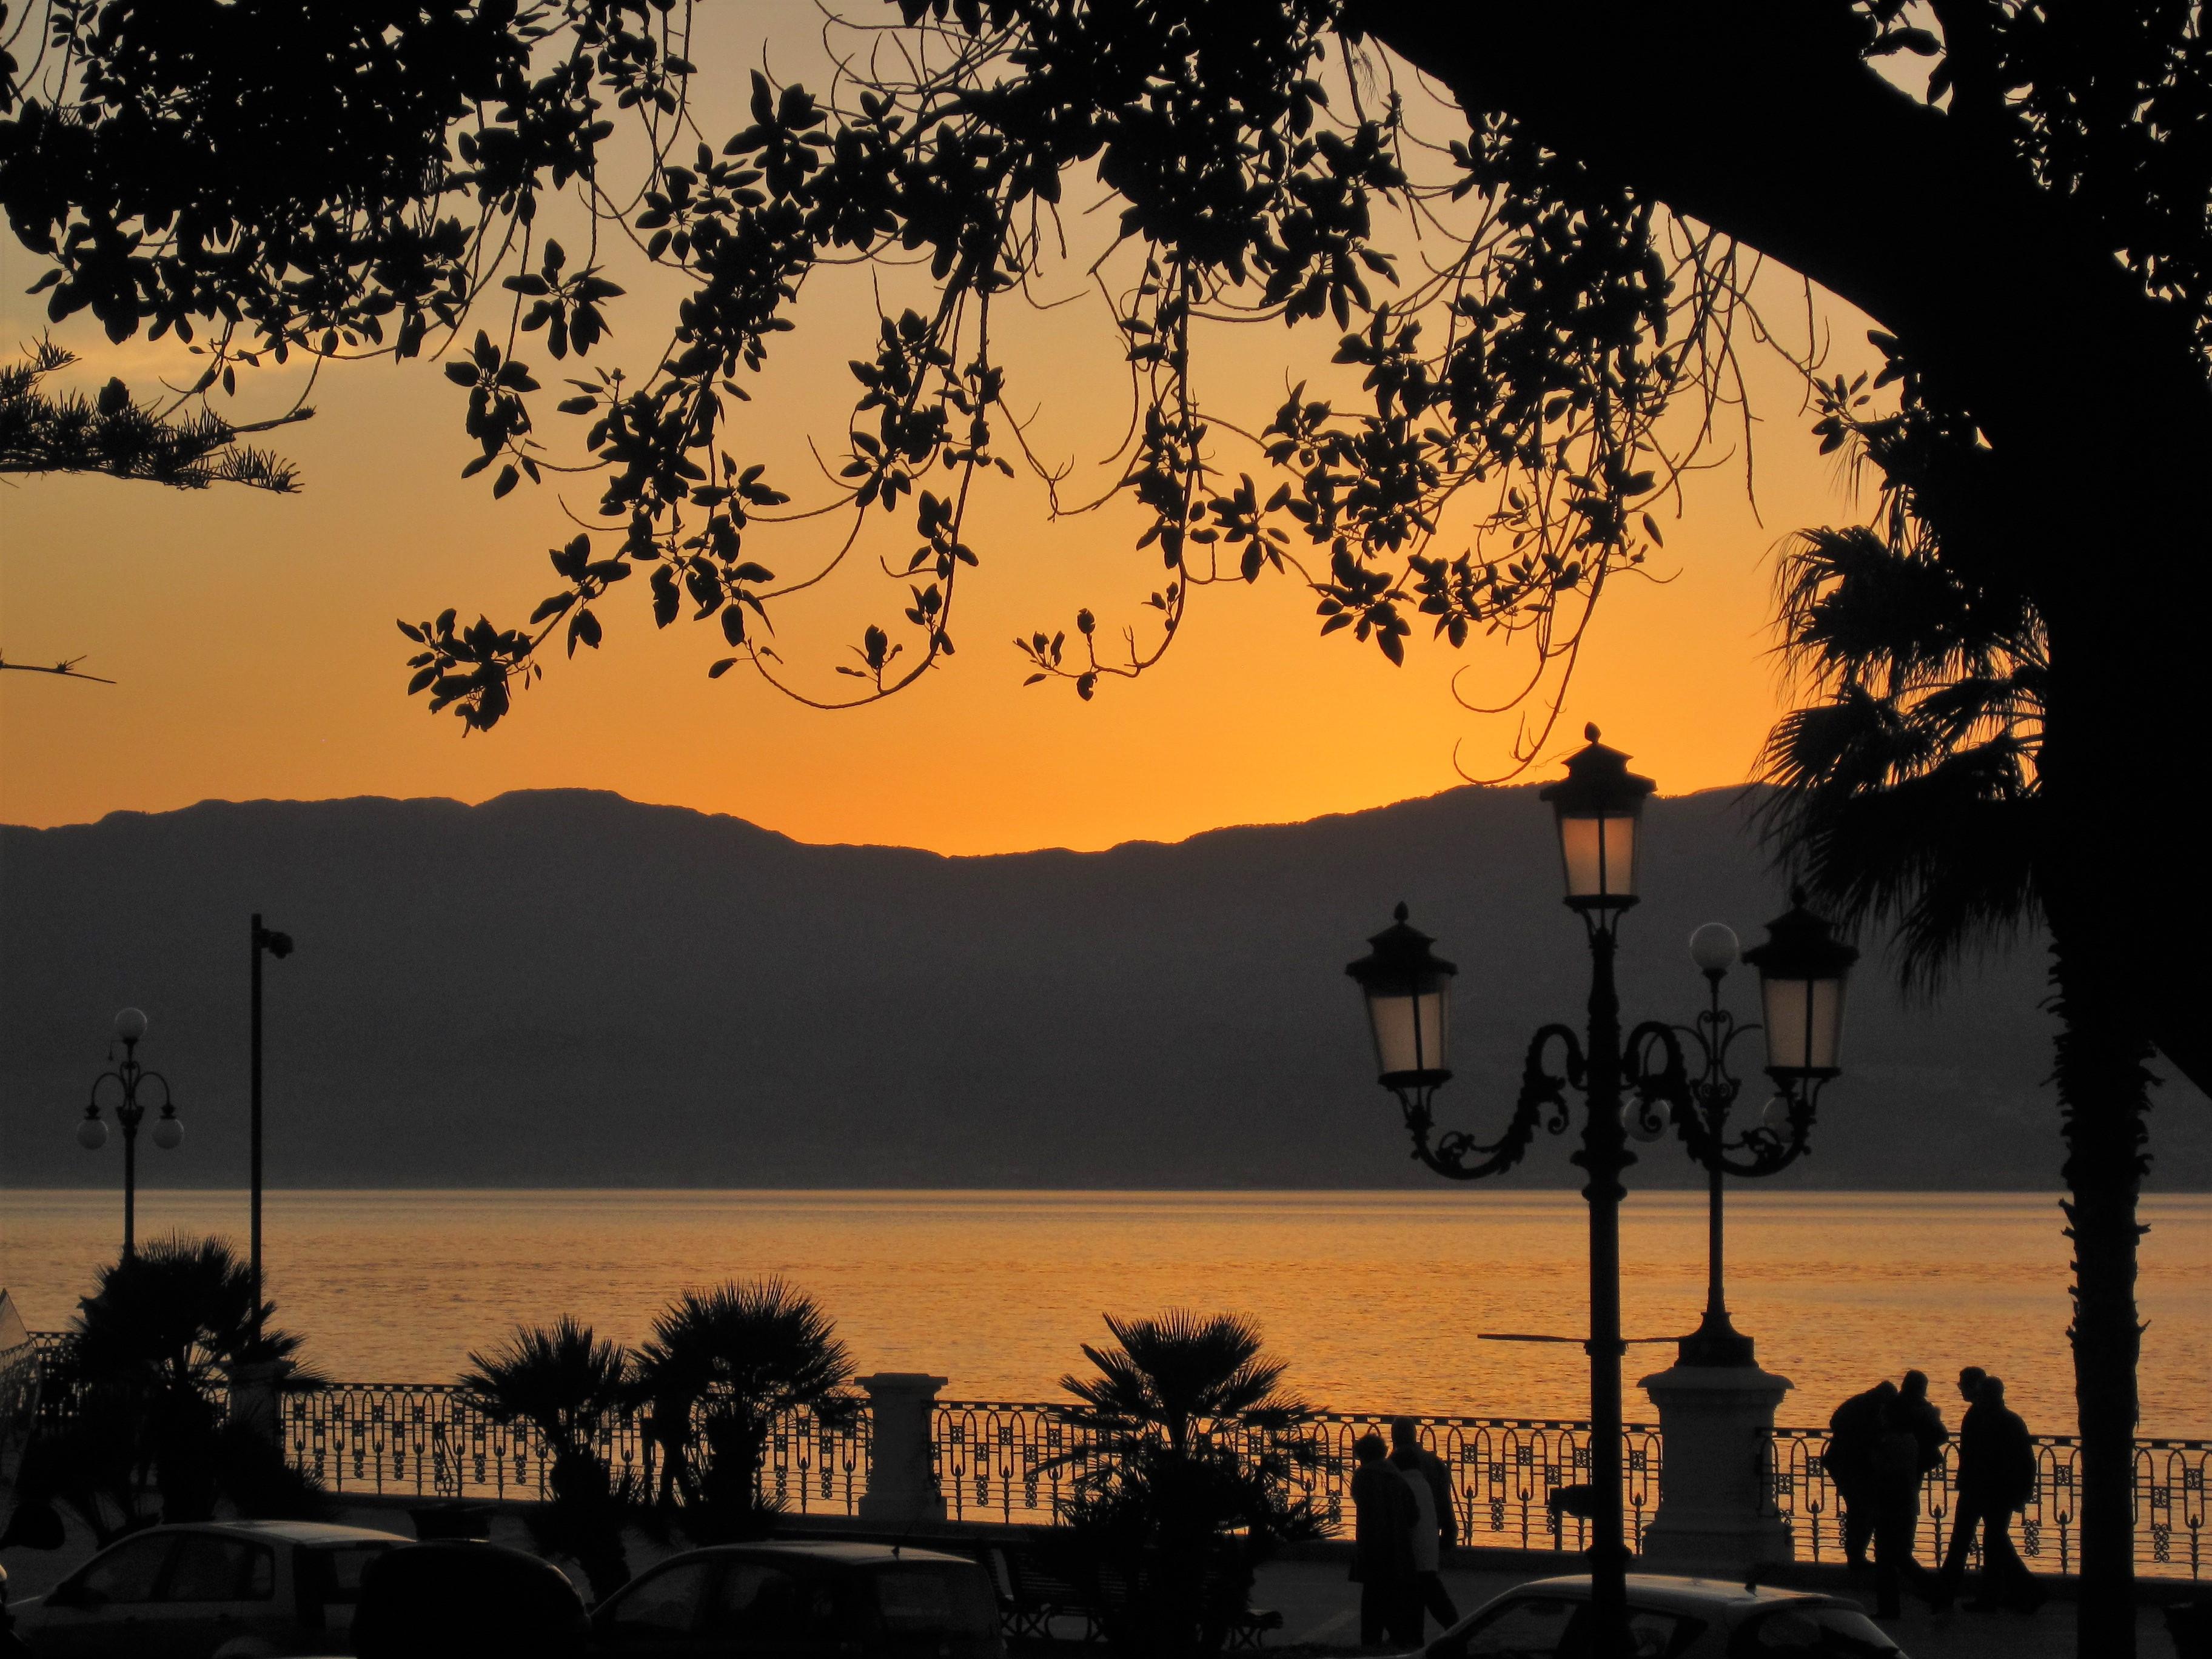 Tramonto magico sullo stretto di Messina dal Lungomare Falcomatà di Reggio Calabria